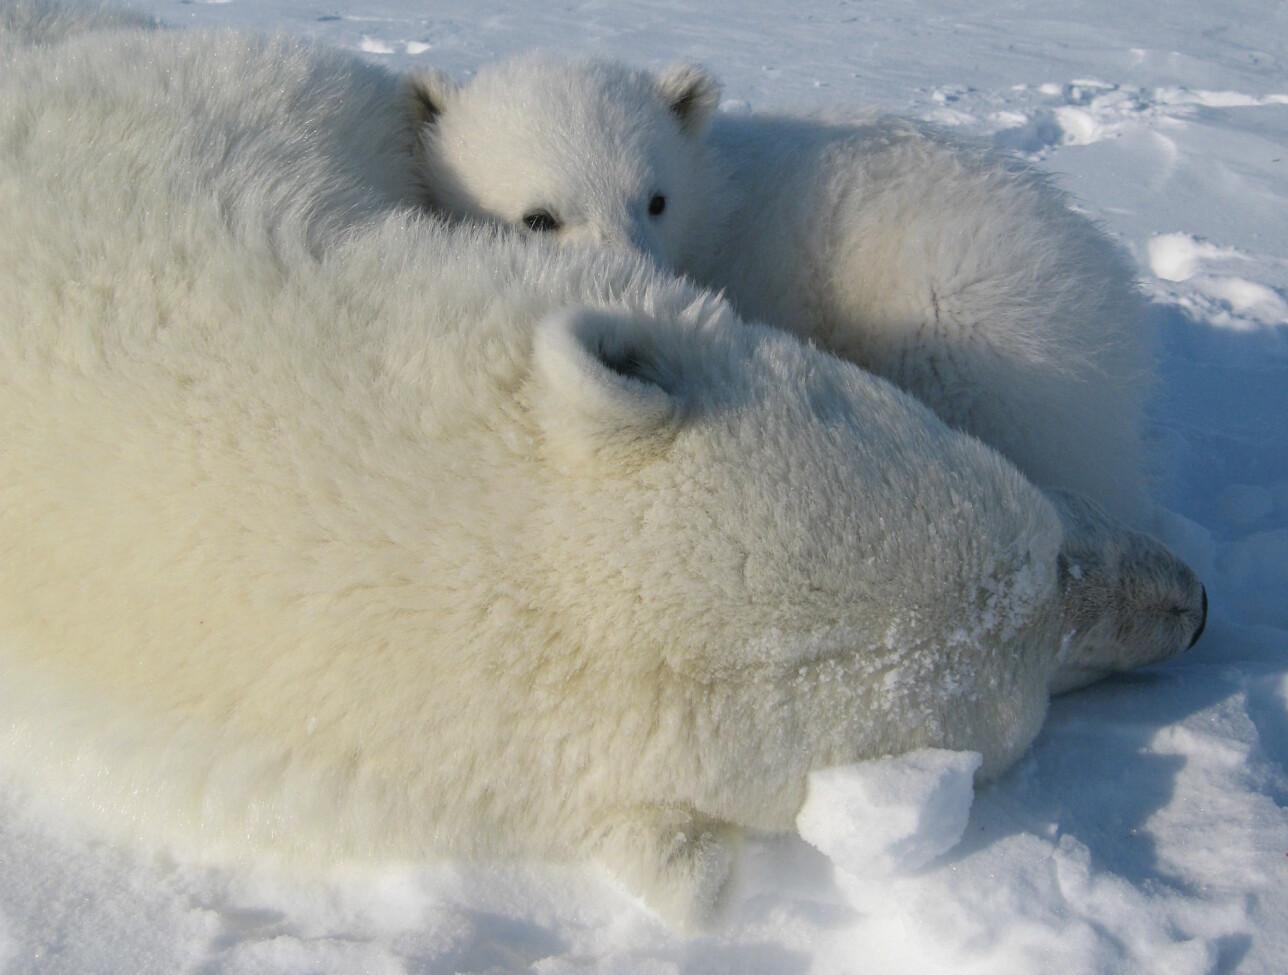 """""""Morsmelkerstatningen"""" som blir gitt til isbjørungene i de zoologiske hagene har vært mangelfull. (Foto: Magnus Andersen)"""